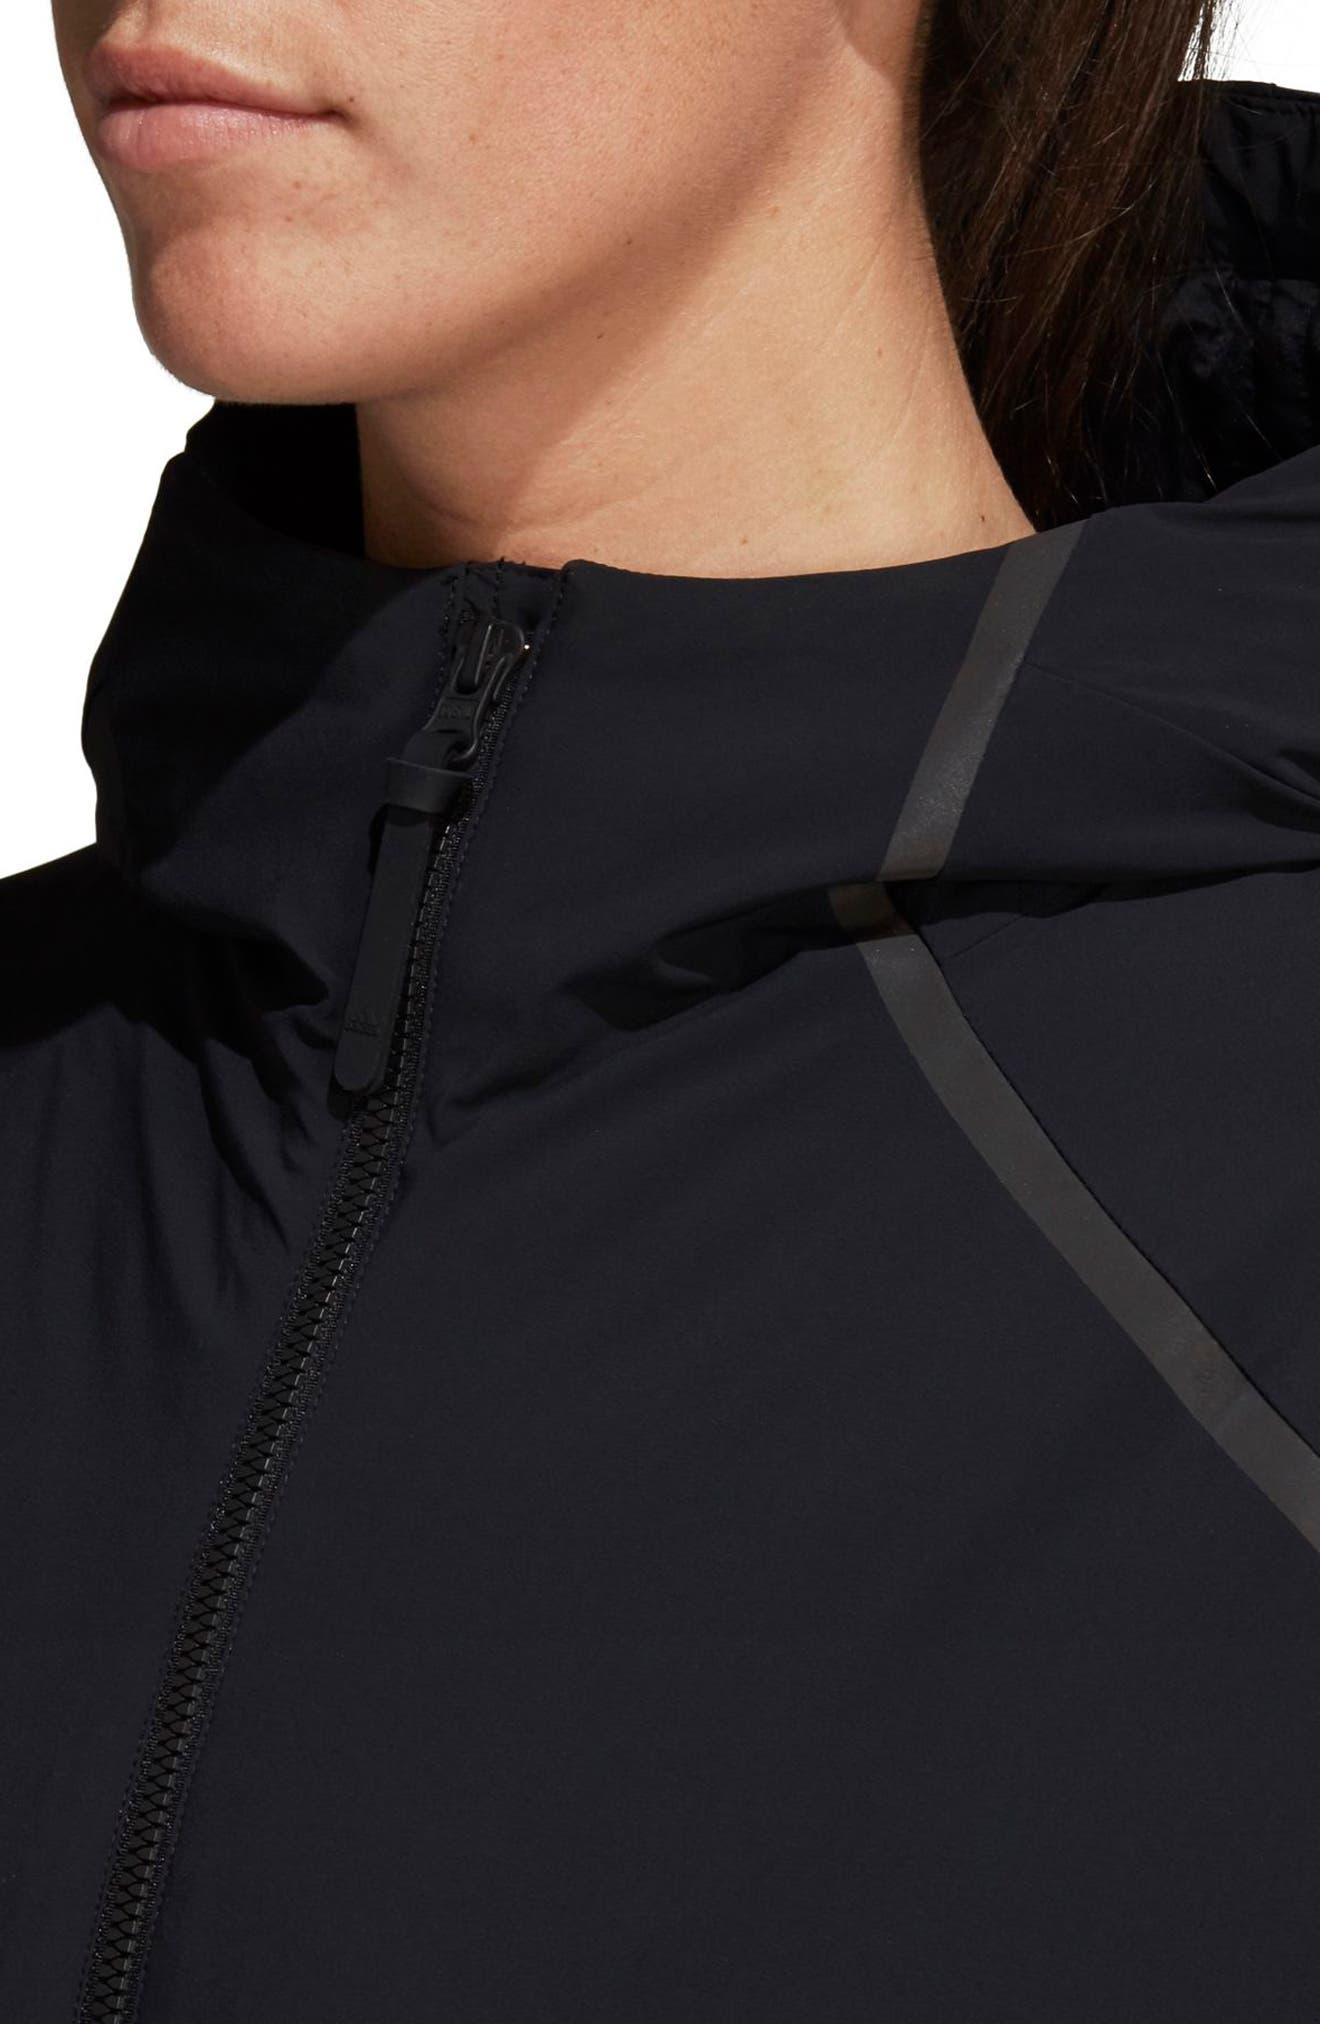 Rain Jacket,                             Alternate thumbnail 7, color,                             BLACK